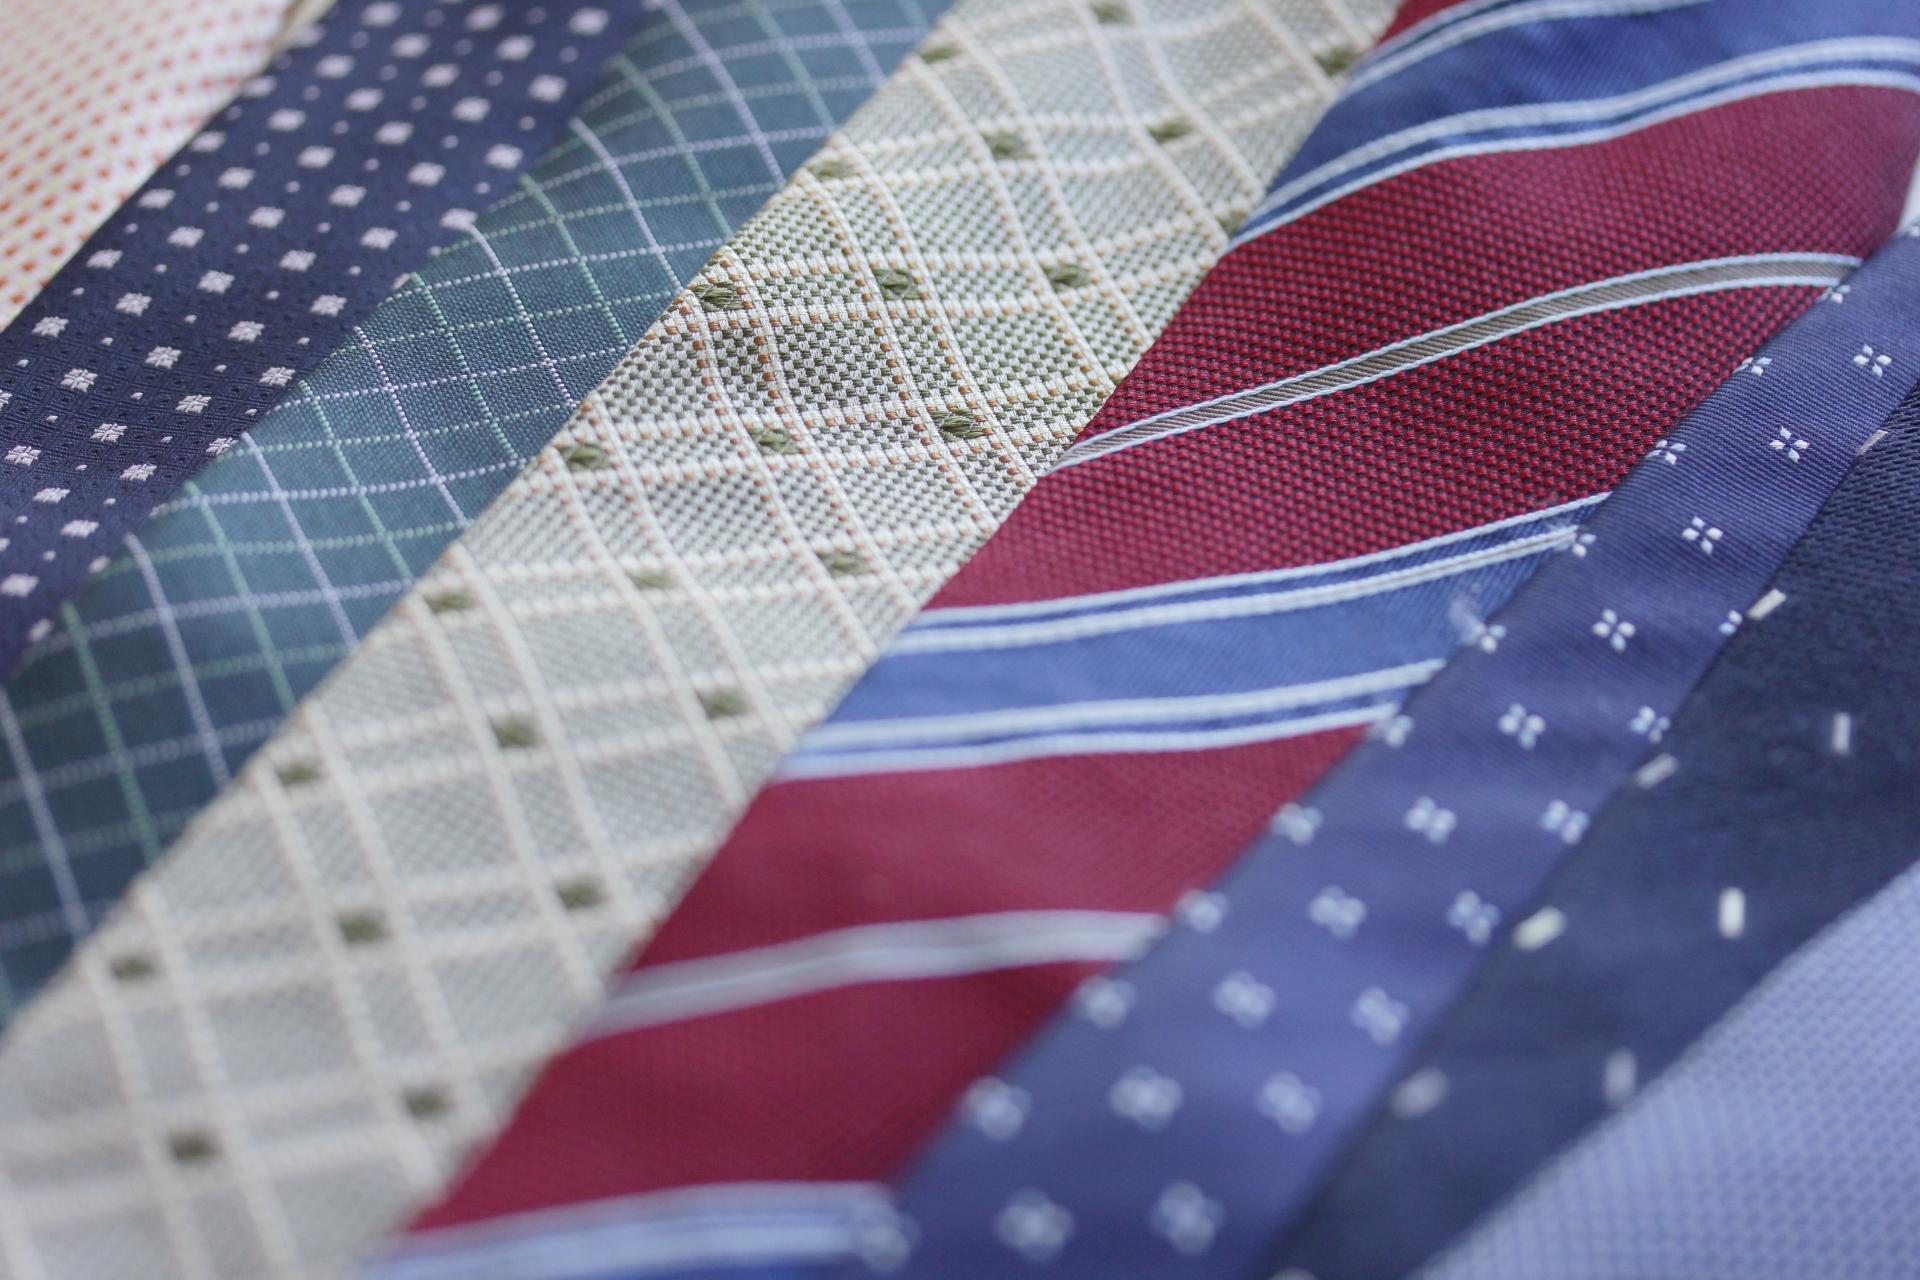 ネクタイ柄の種類